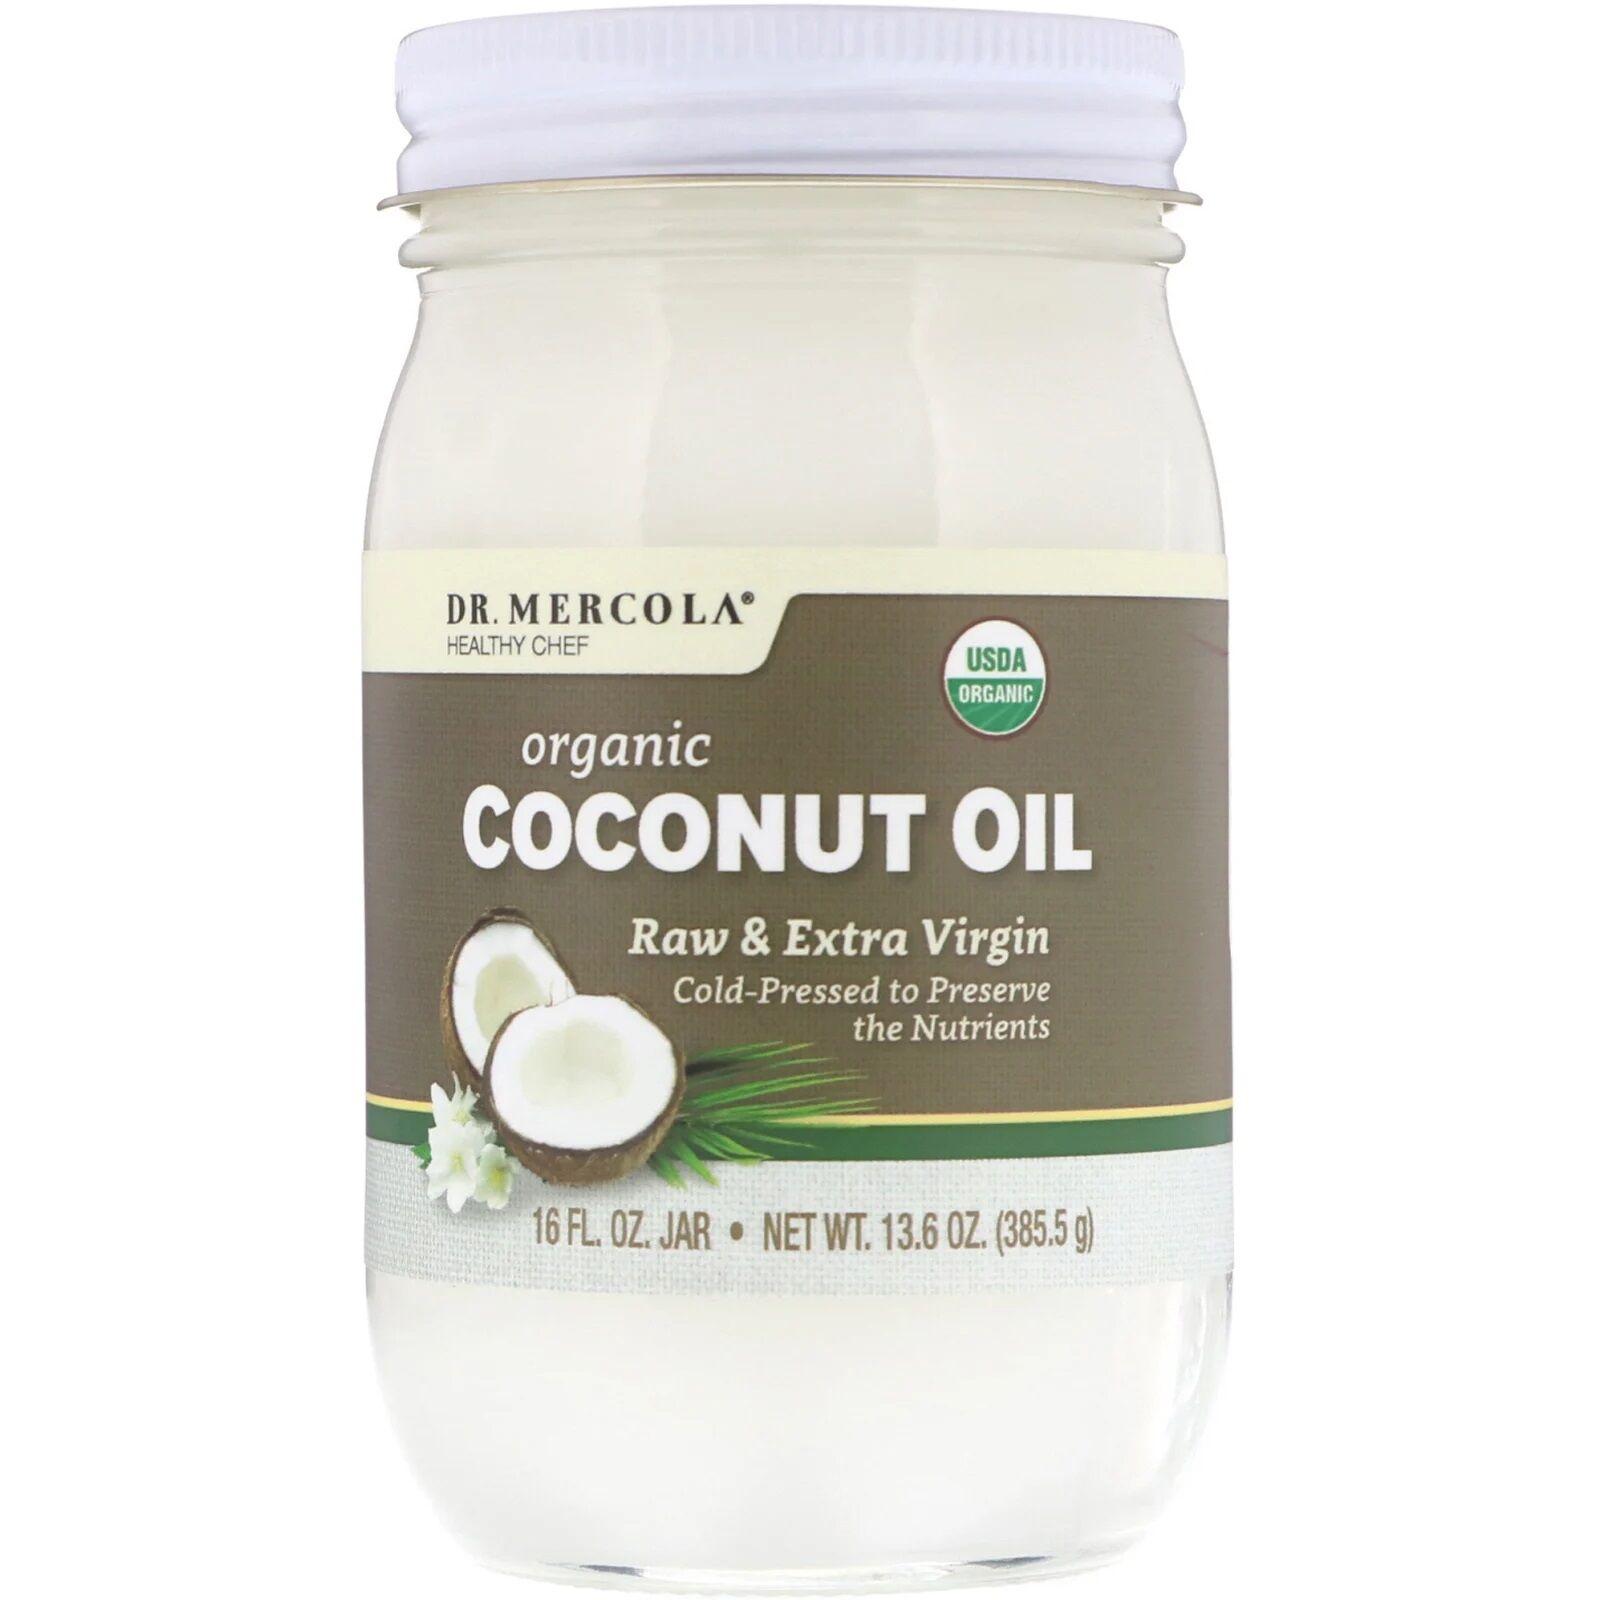 Dr. Mercola, Fresh Shores, huile de coco Extra Vierge, 16 oz liq (475 ml)